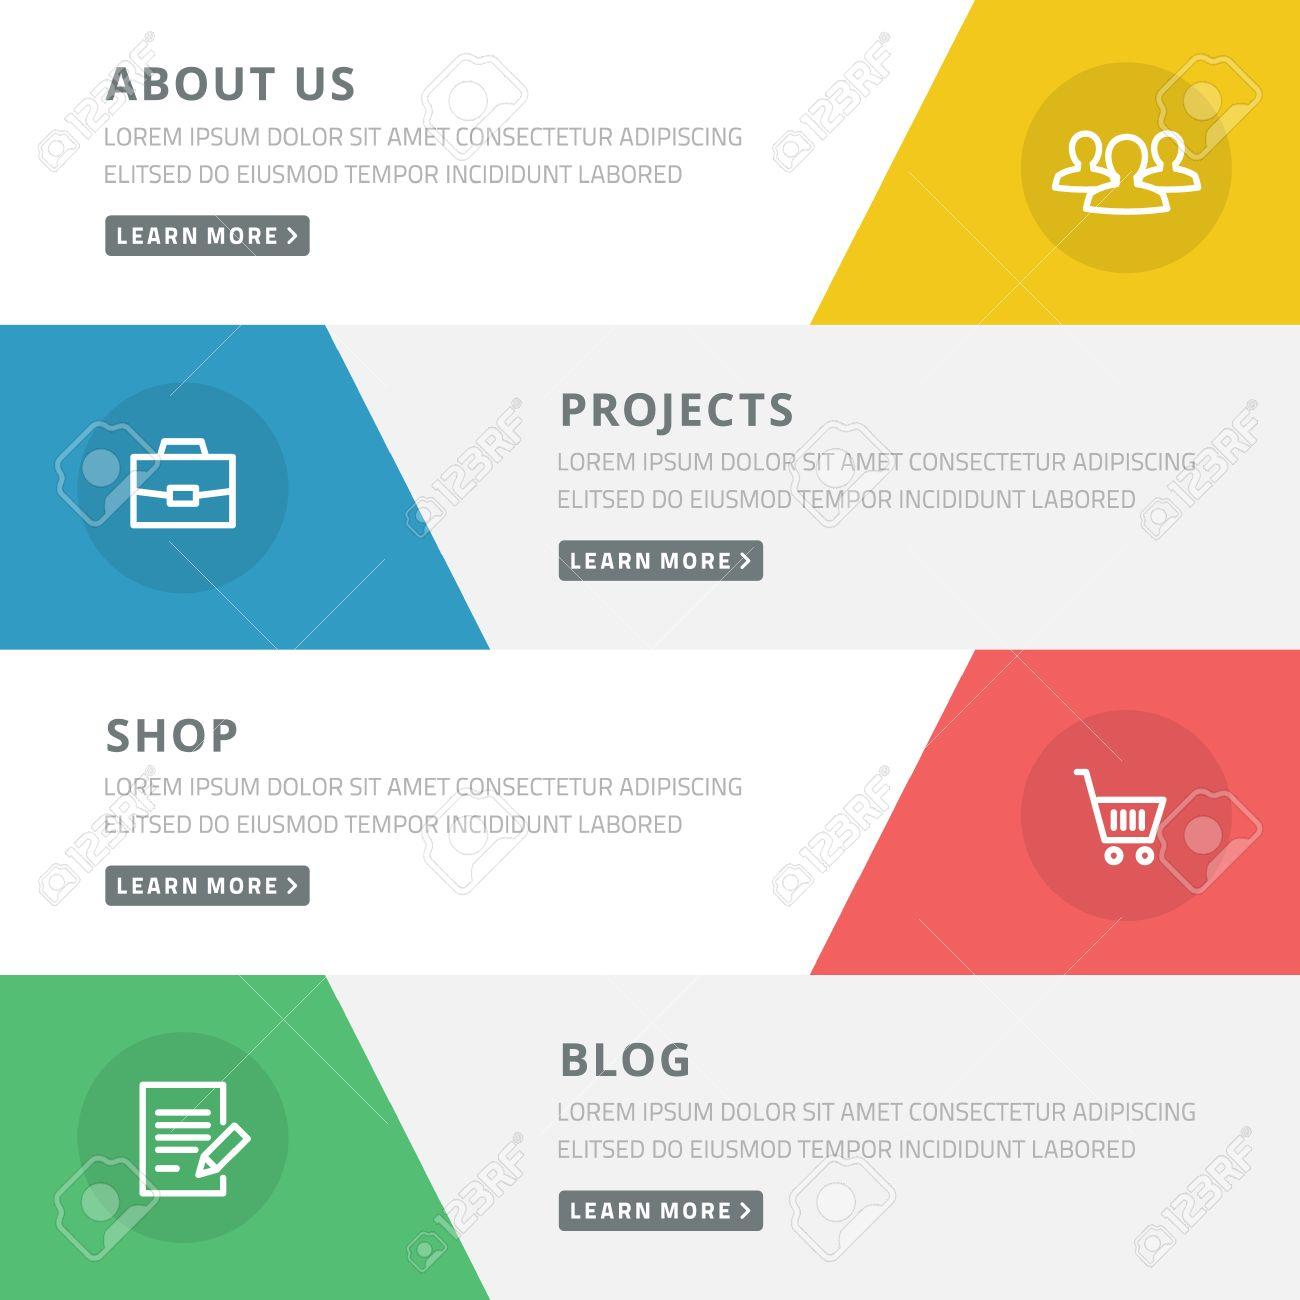 Flaches Design-Konzept Für Website-Vorlage - über Uns, Projekte ...